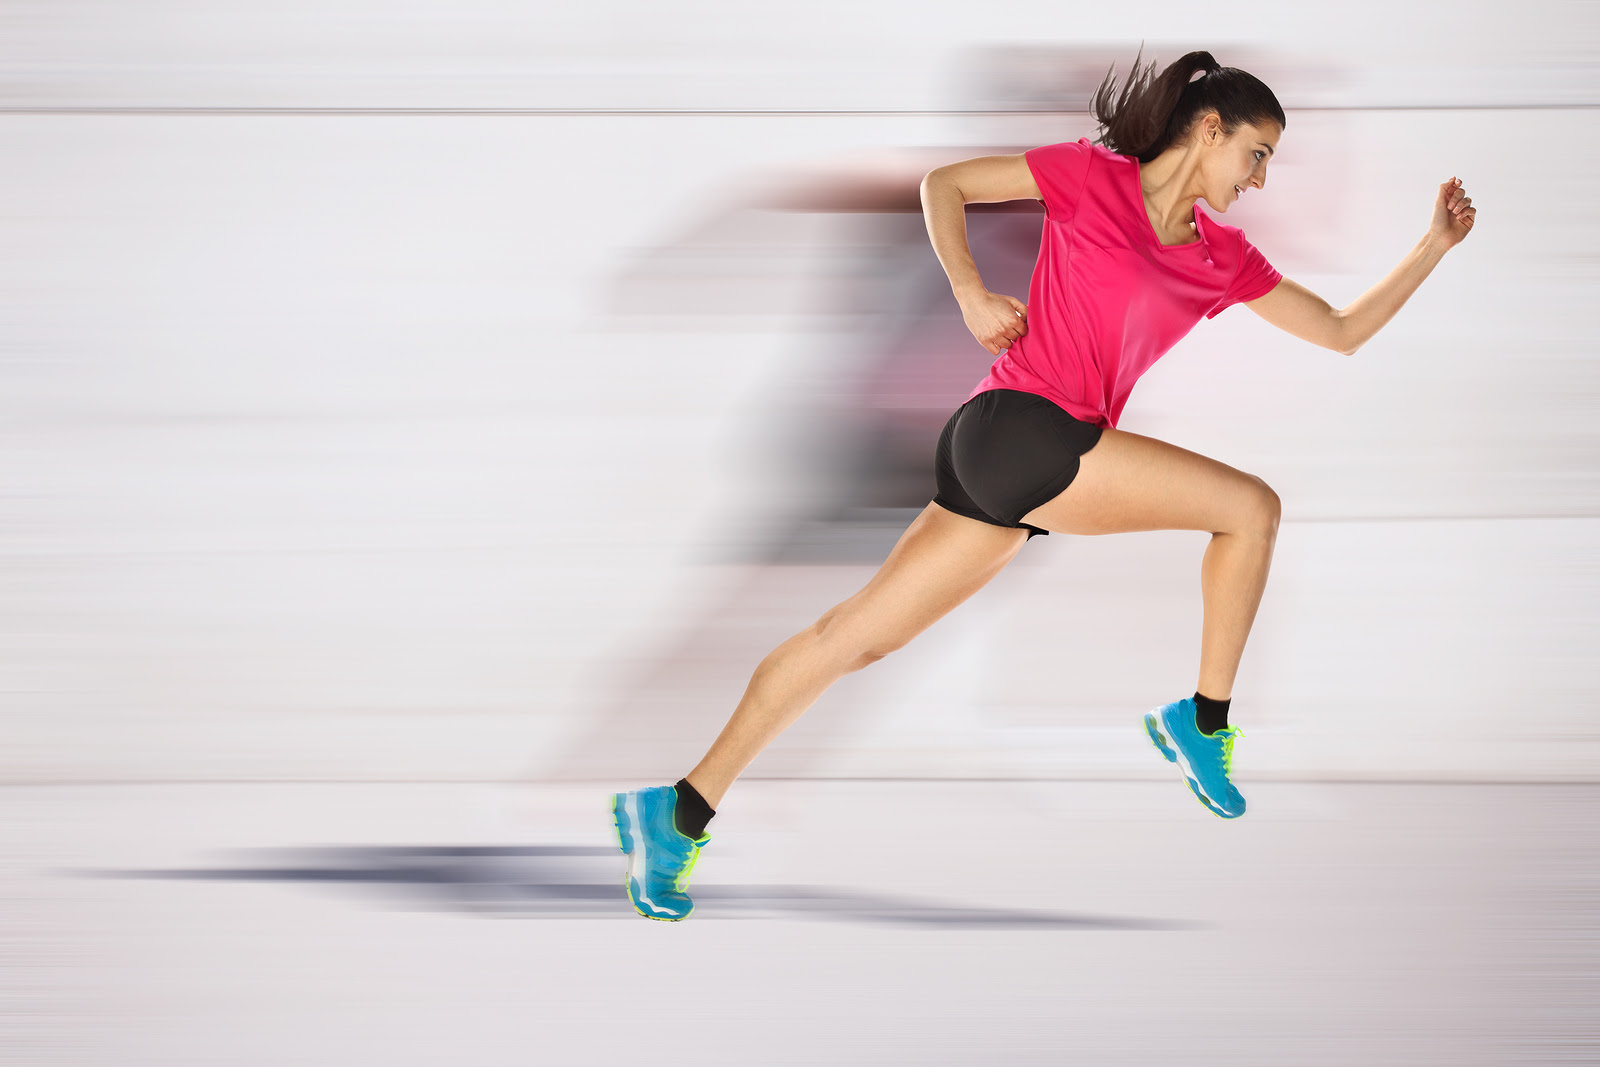 Ini Dia Cara Memilih Sepatu Lari yang Tepat untuk Wanita